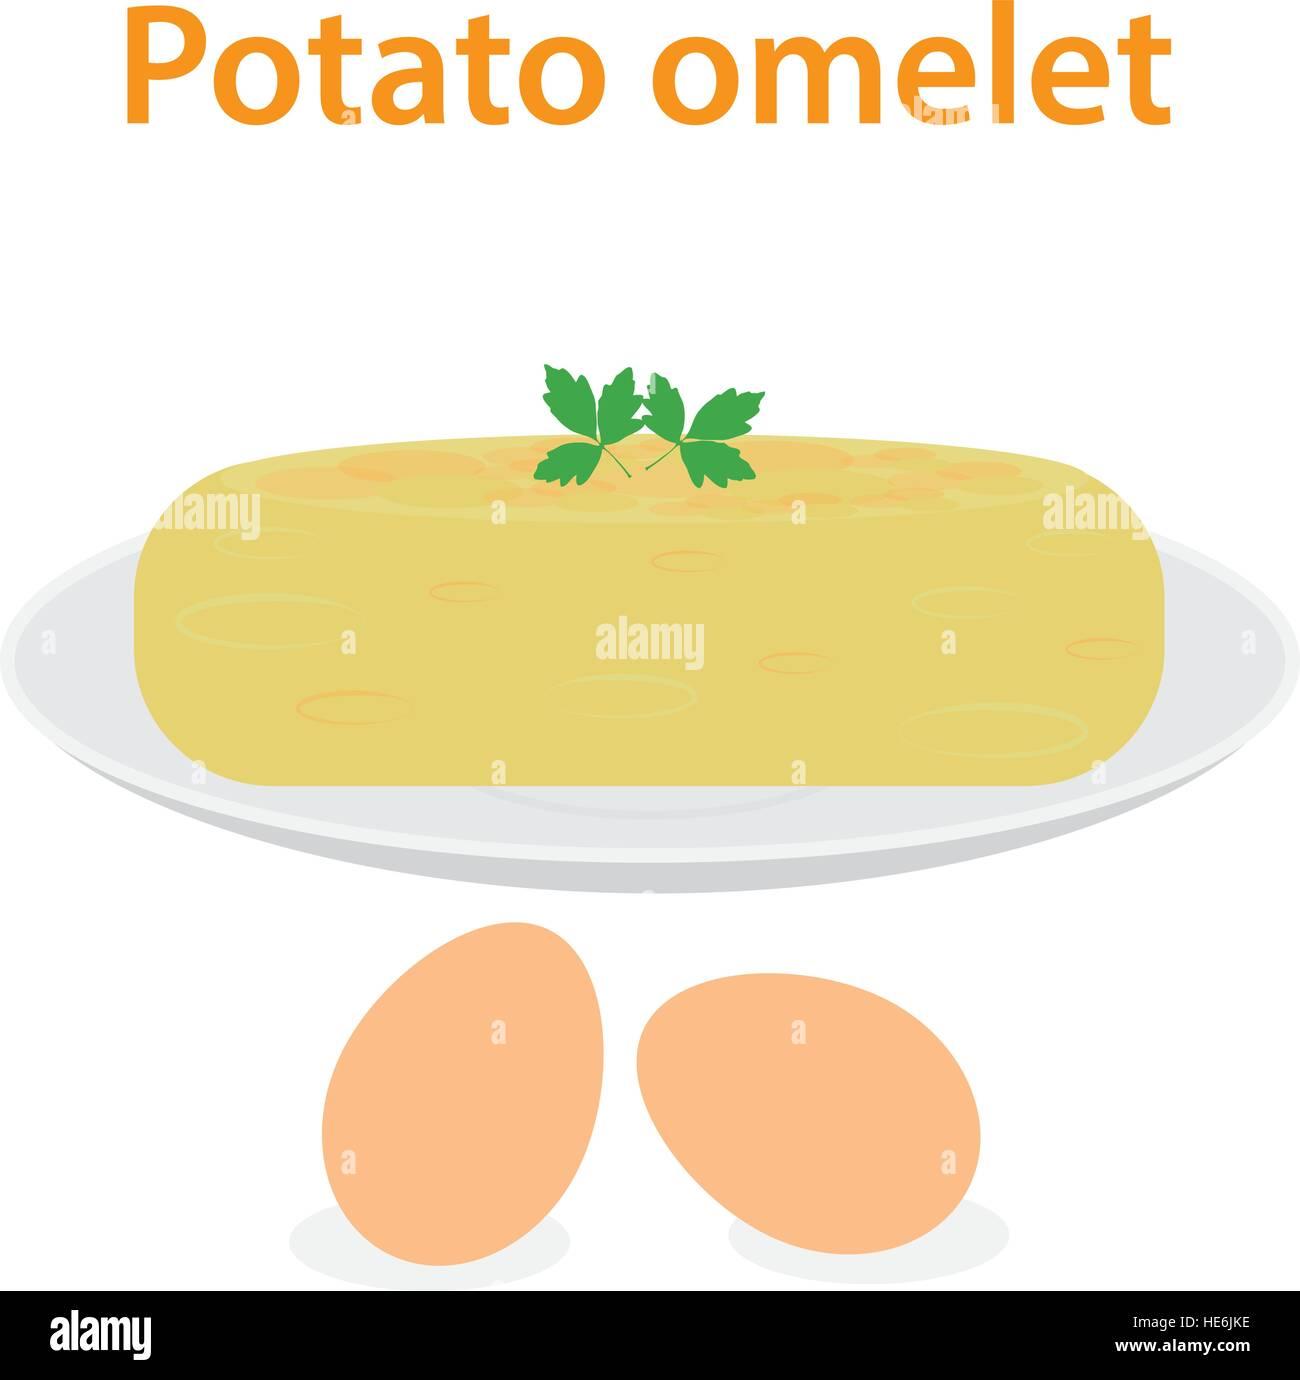 Potato omelet - Stock Vector